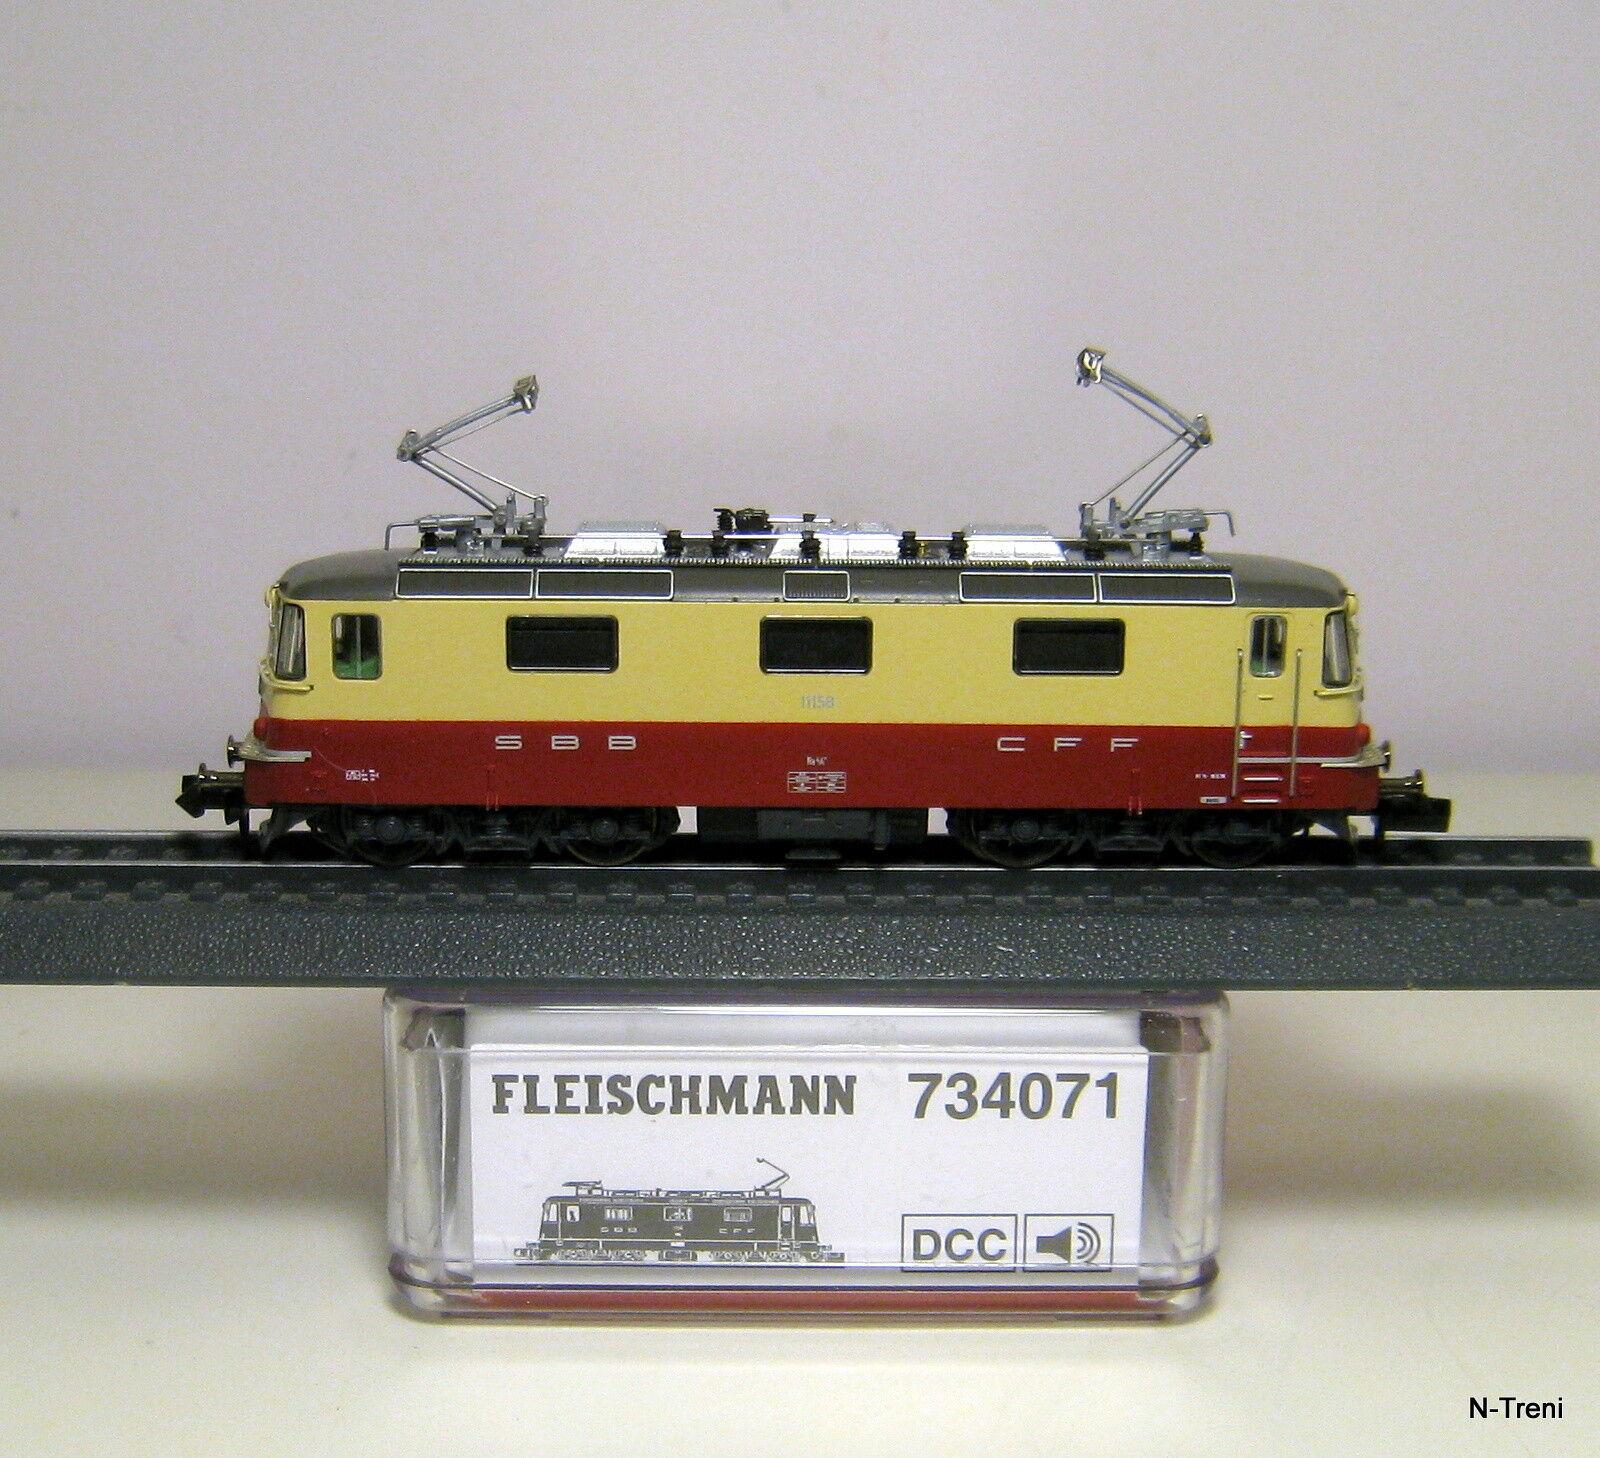 Fleischmann N 734071 DCC + SOUND - Loco Re 4 4 II delle SBB. Livrea TEE